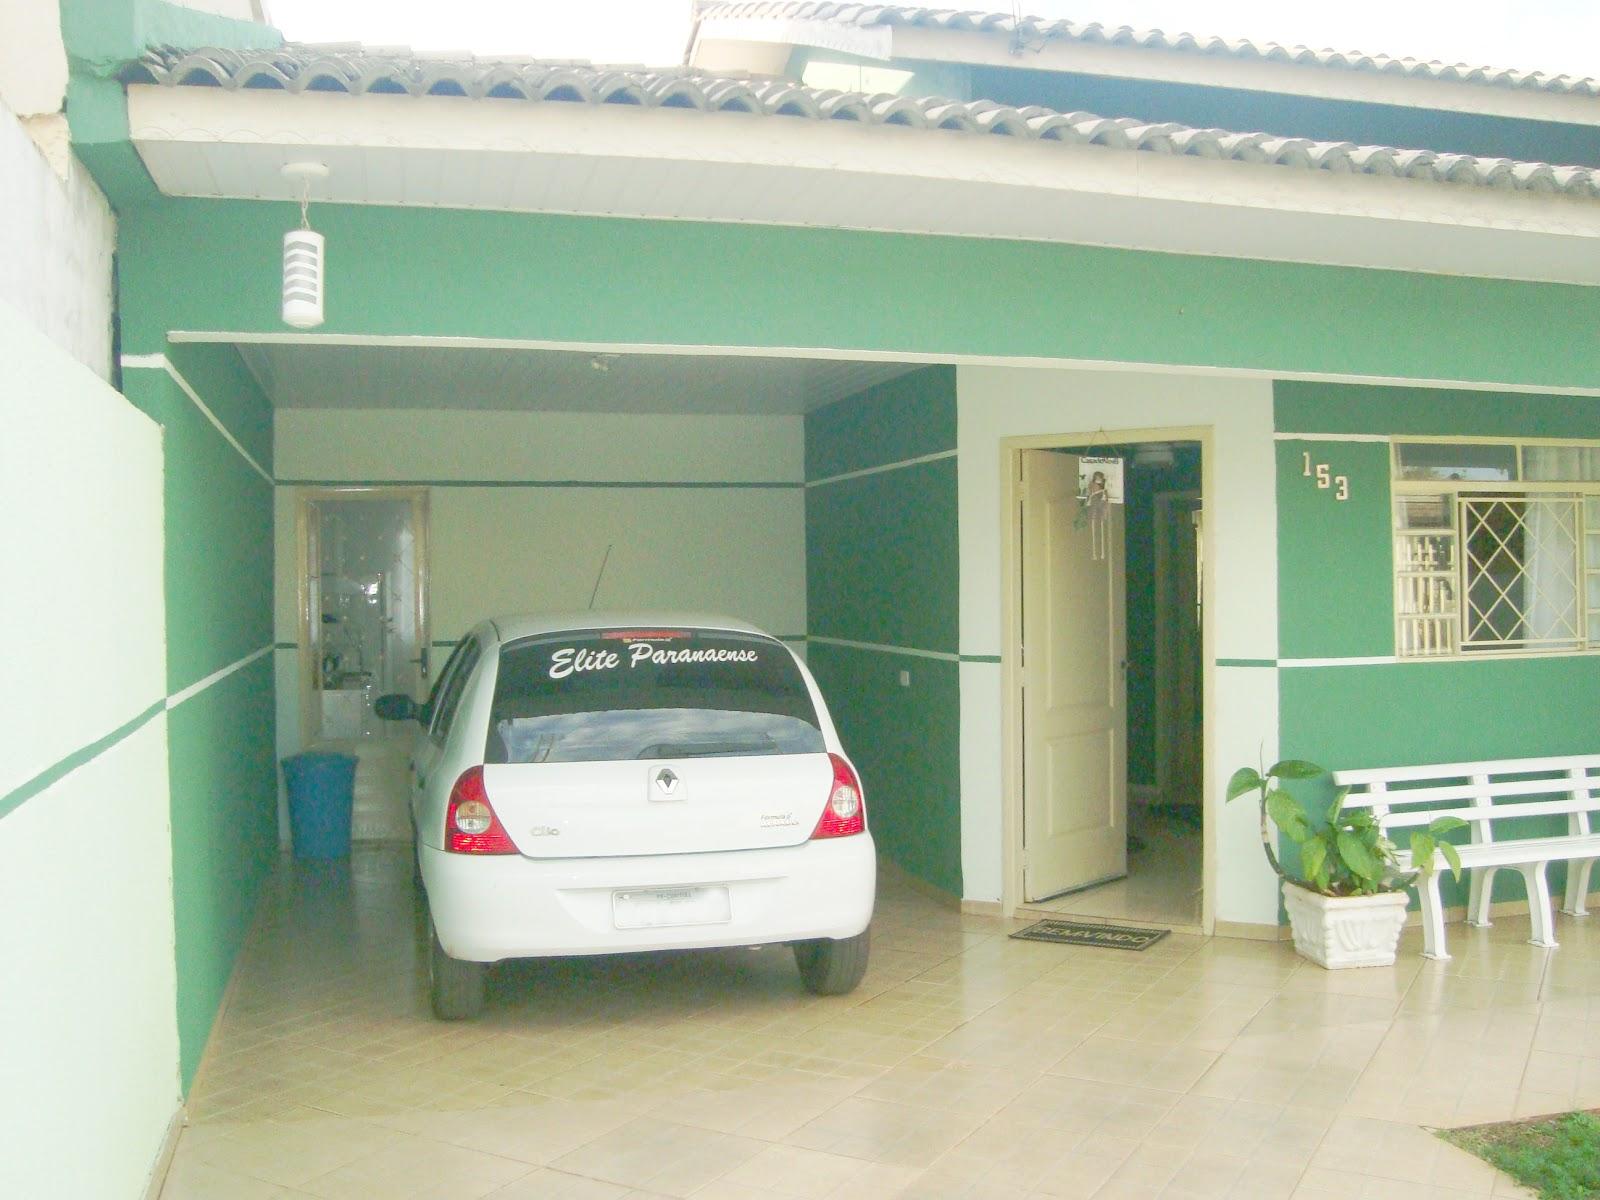 jardim ipe foz do iguacu : jardim ipe foz do iguacu: em Foz do Iguaçu – Consultoria Imobiliária em Foz do Iguaçu